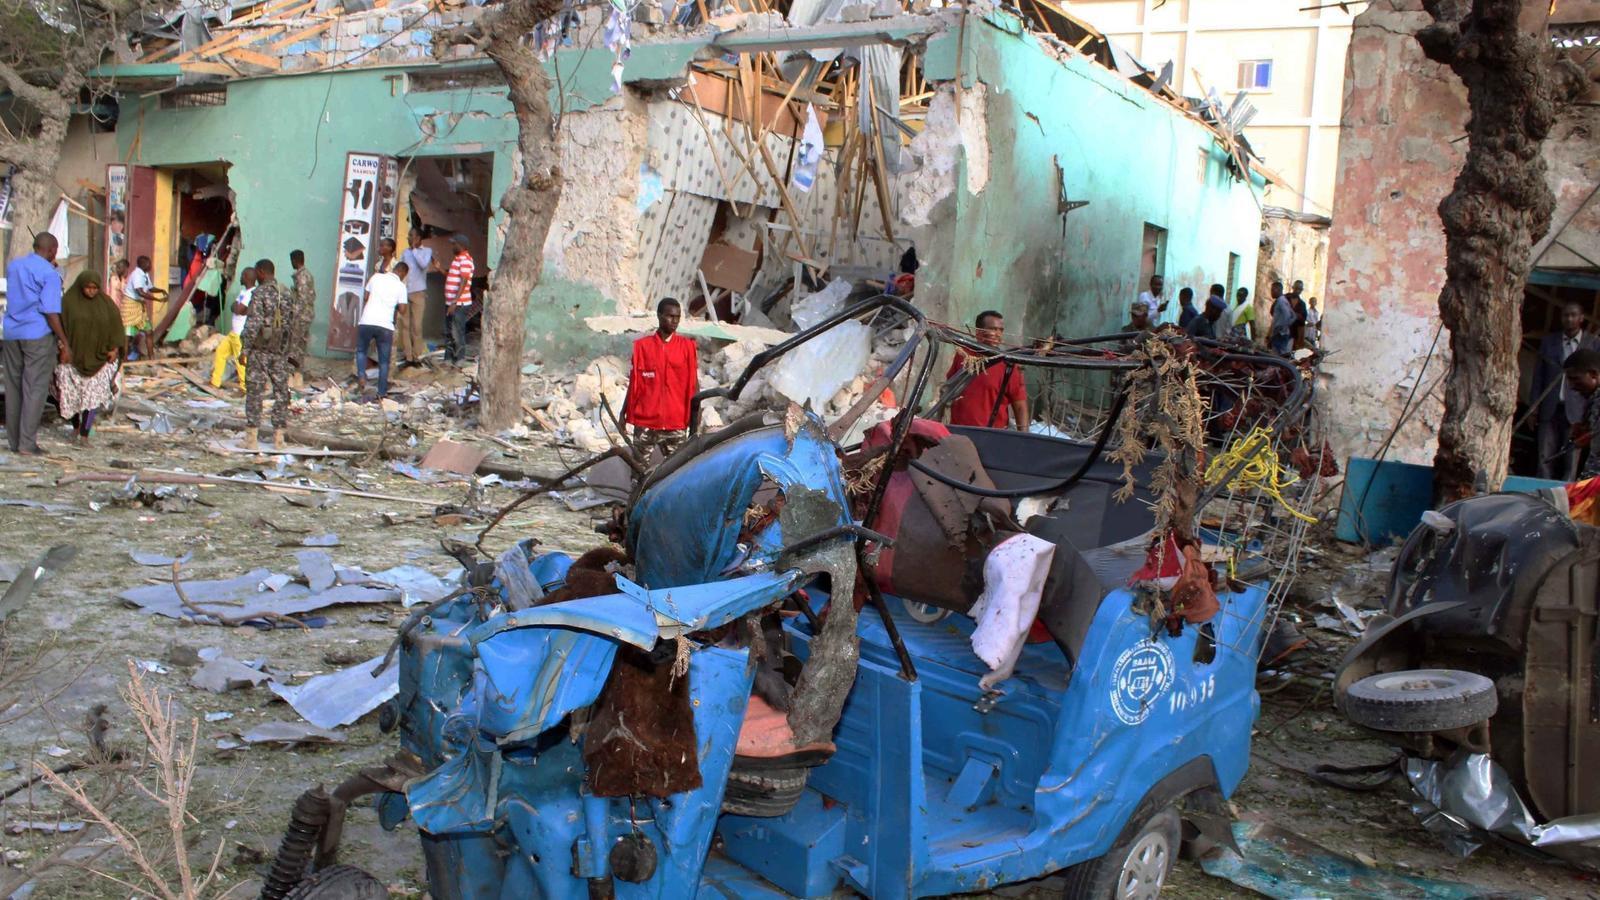 Un grup de ciutadans observa la destrucció de l'atemptat a l'Hotel Wehliye de Mogadiscio.